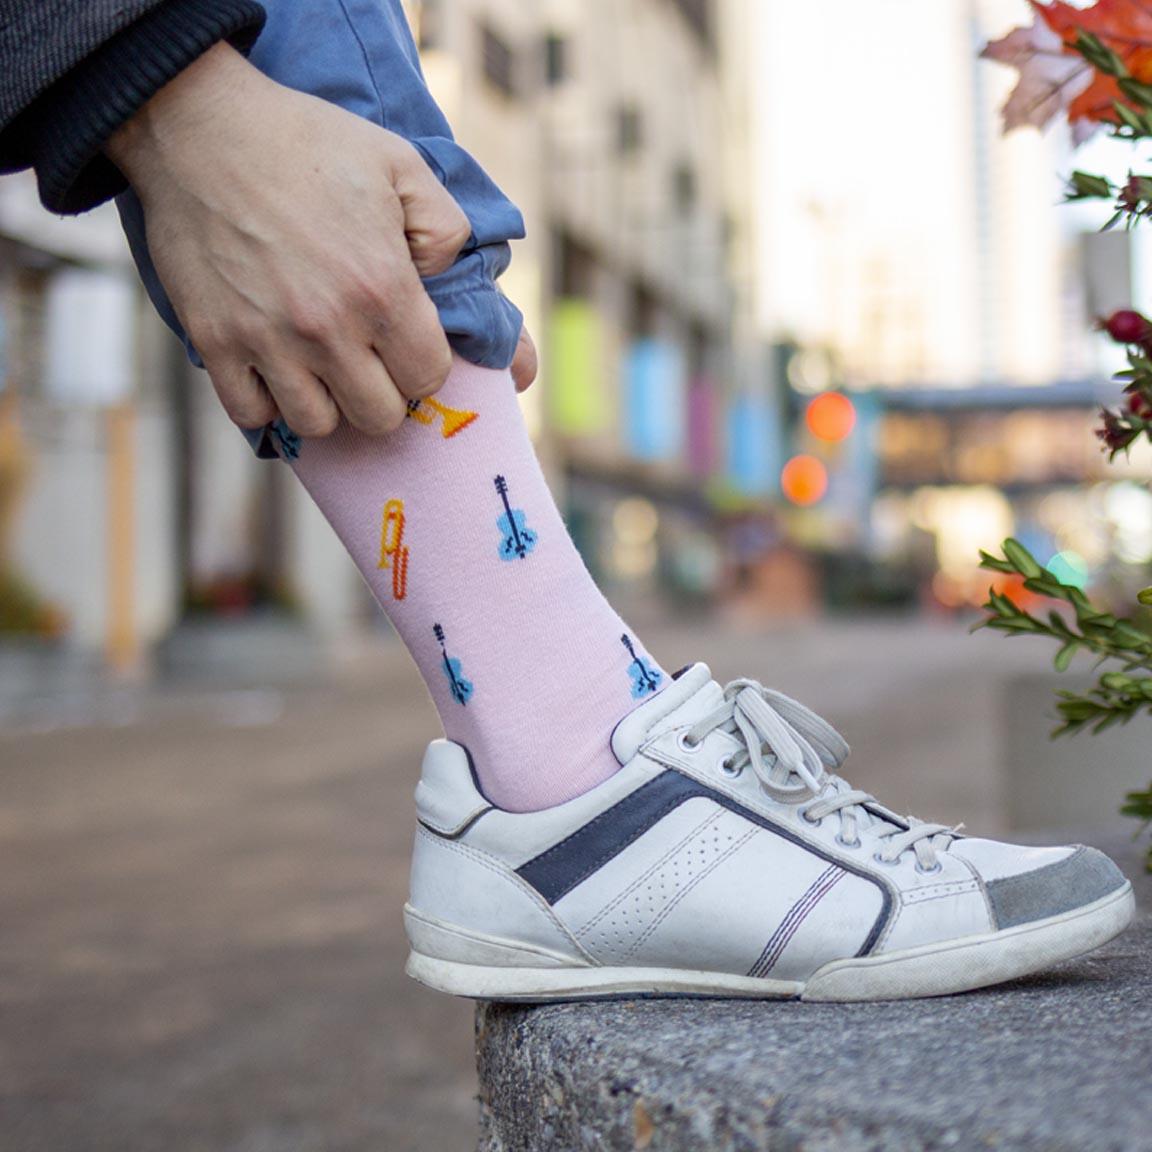 Musical Socks